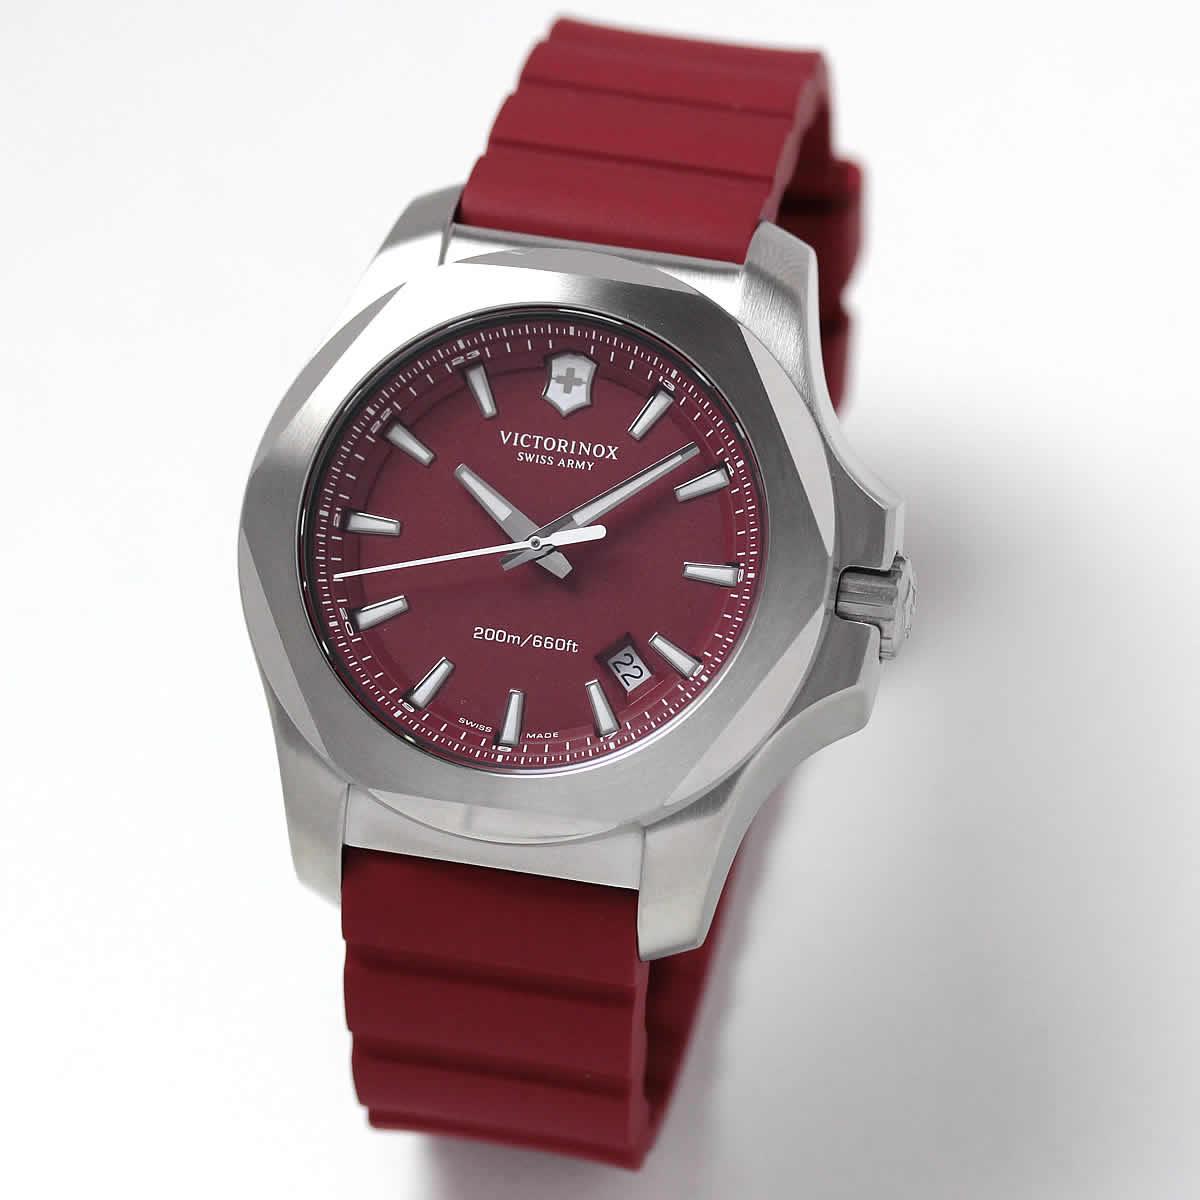 ビクトリノックススイスアーミー I.N.O.X. (イノックス) ラバーベルト/レッド 241719.1 腕時計